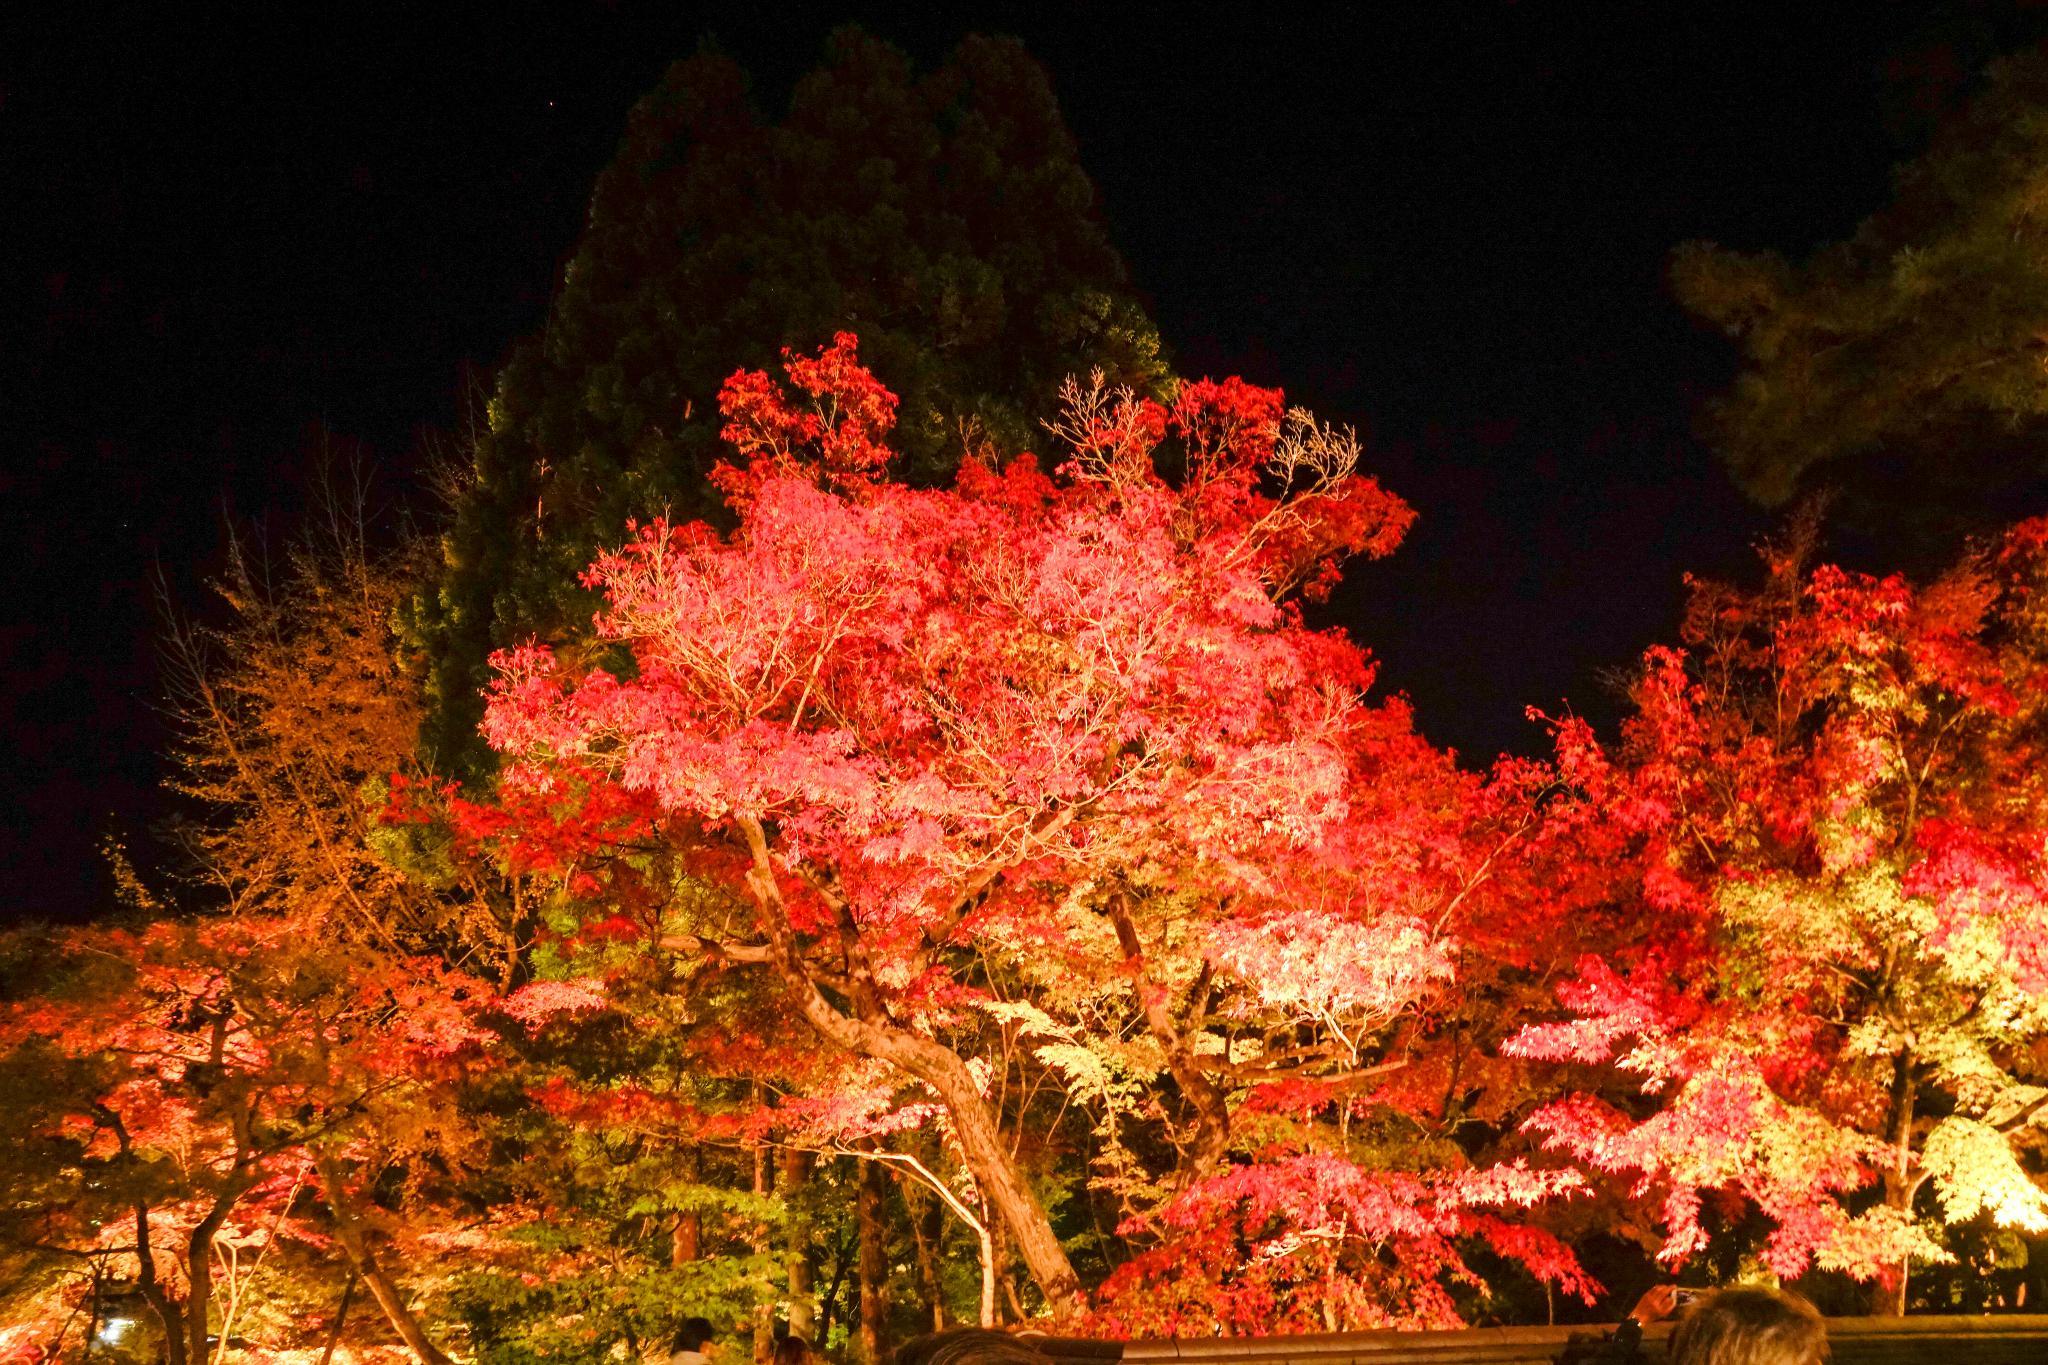 【京都】此生必來的紅葉狩絕景 - 永觀堂夜楓 140